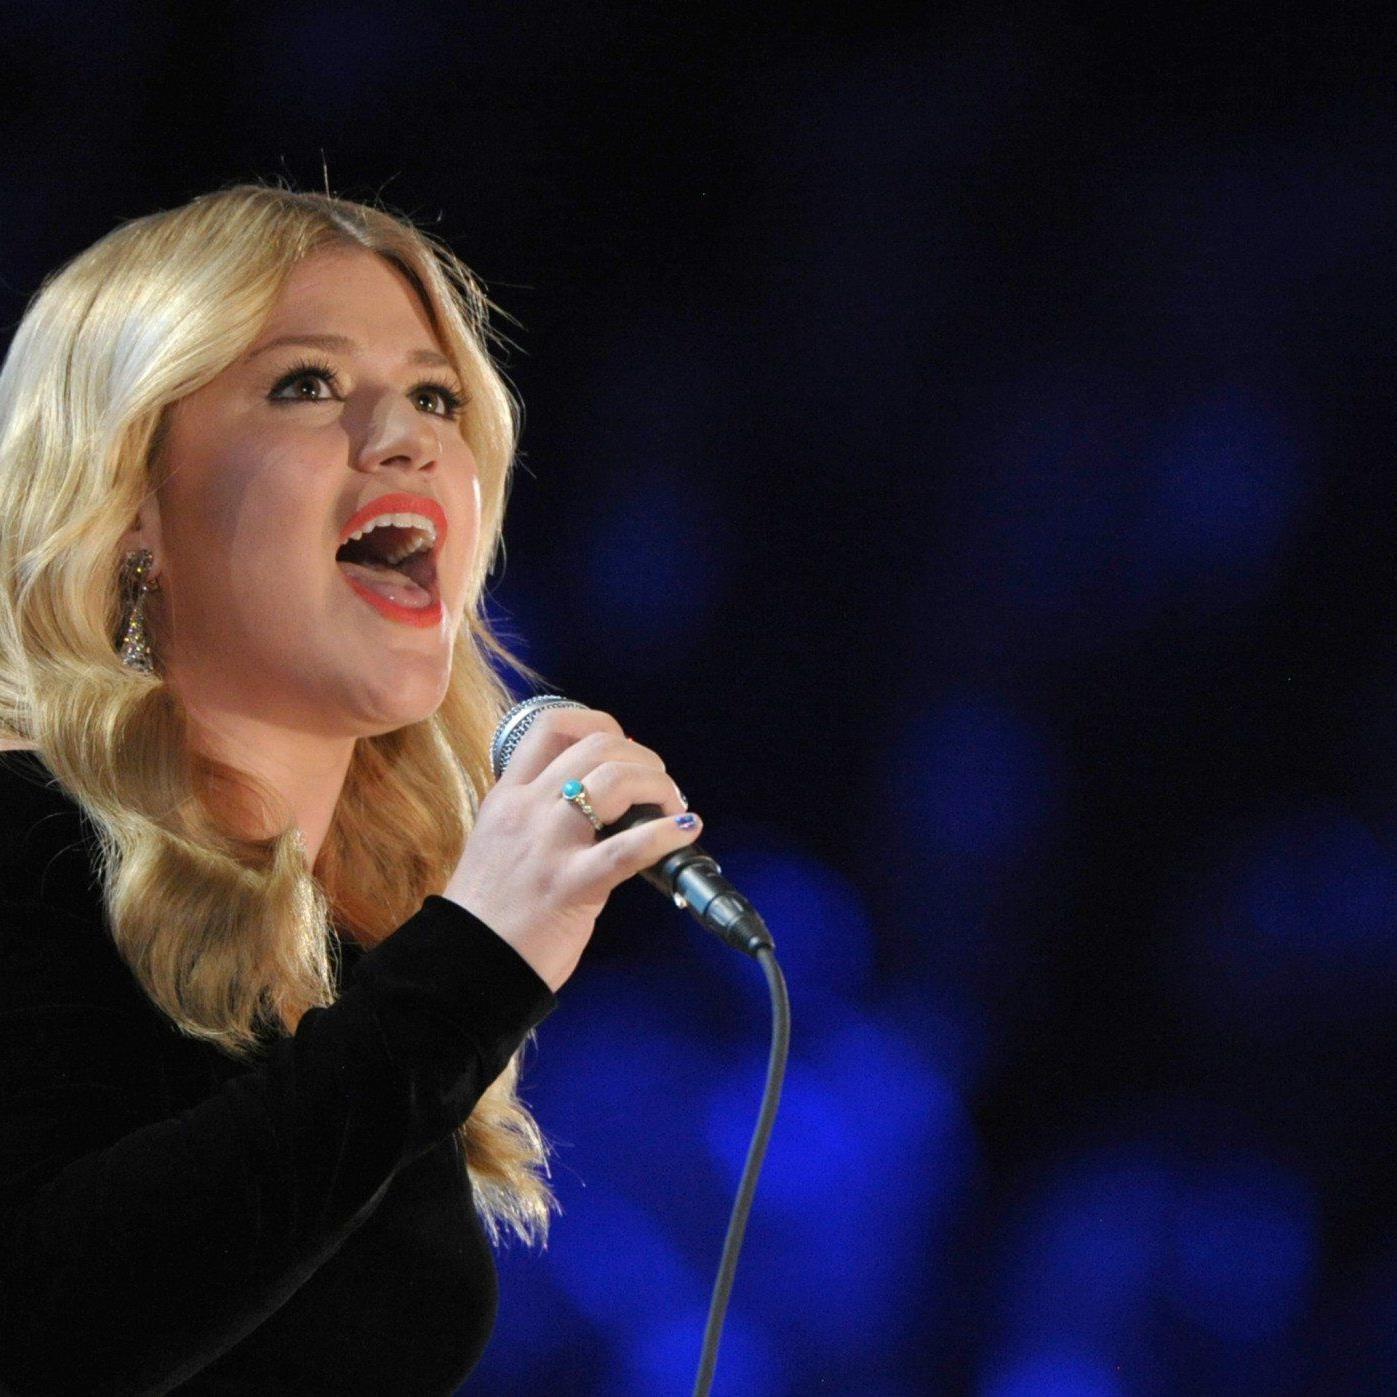 Kelly Clarkson gab offiziell bekannt, dass sie eine Tochter bekommt.